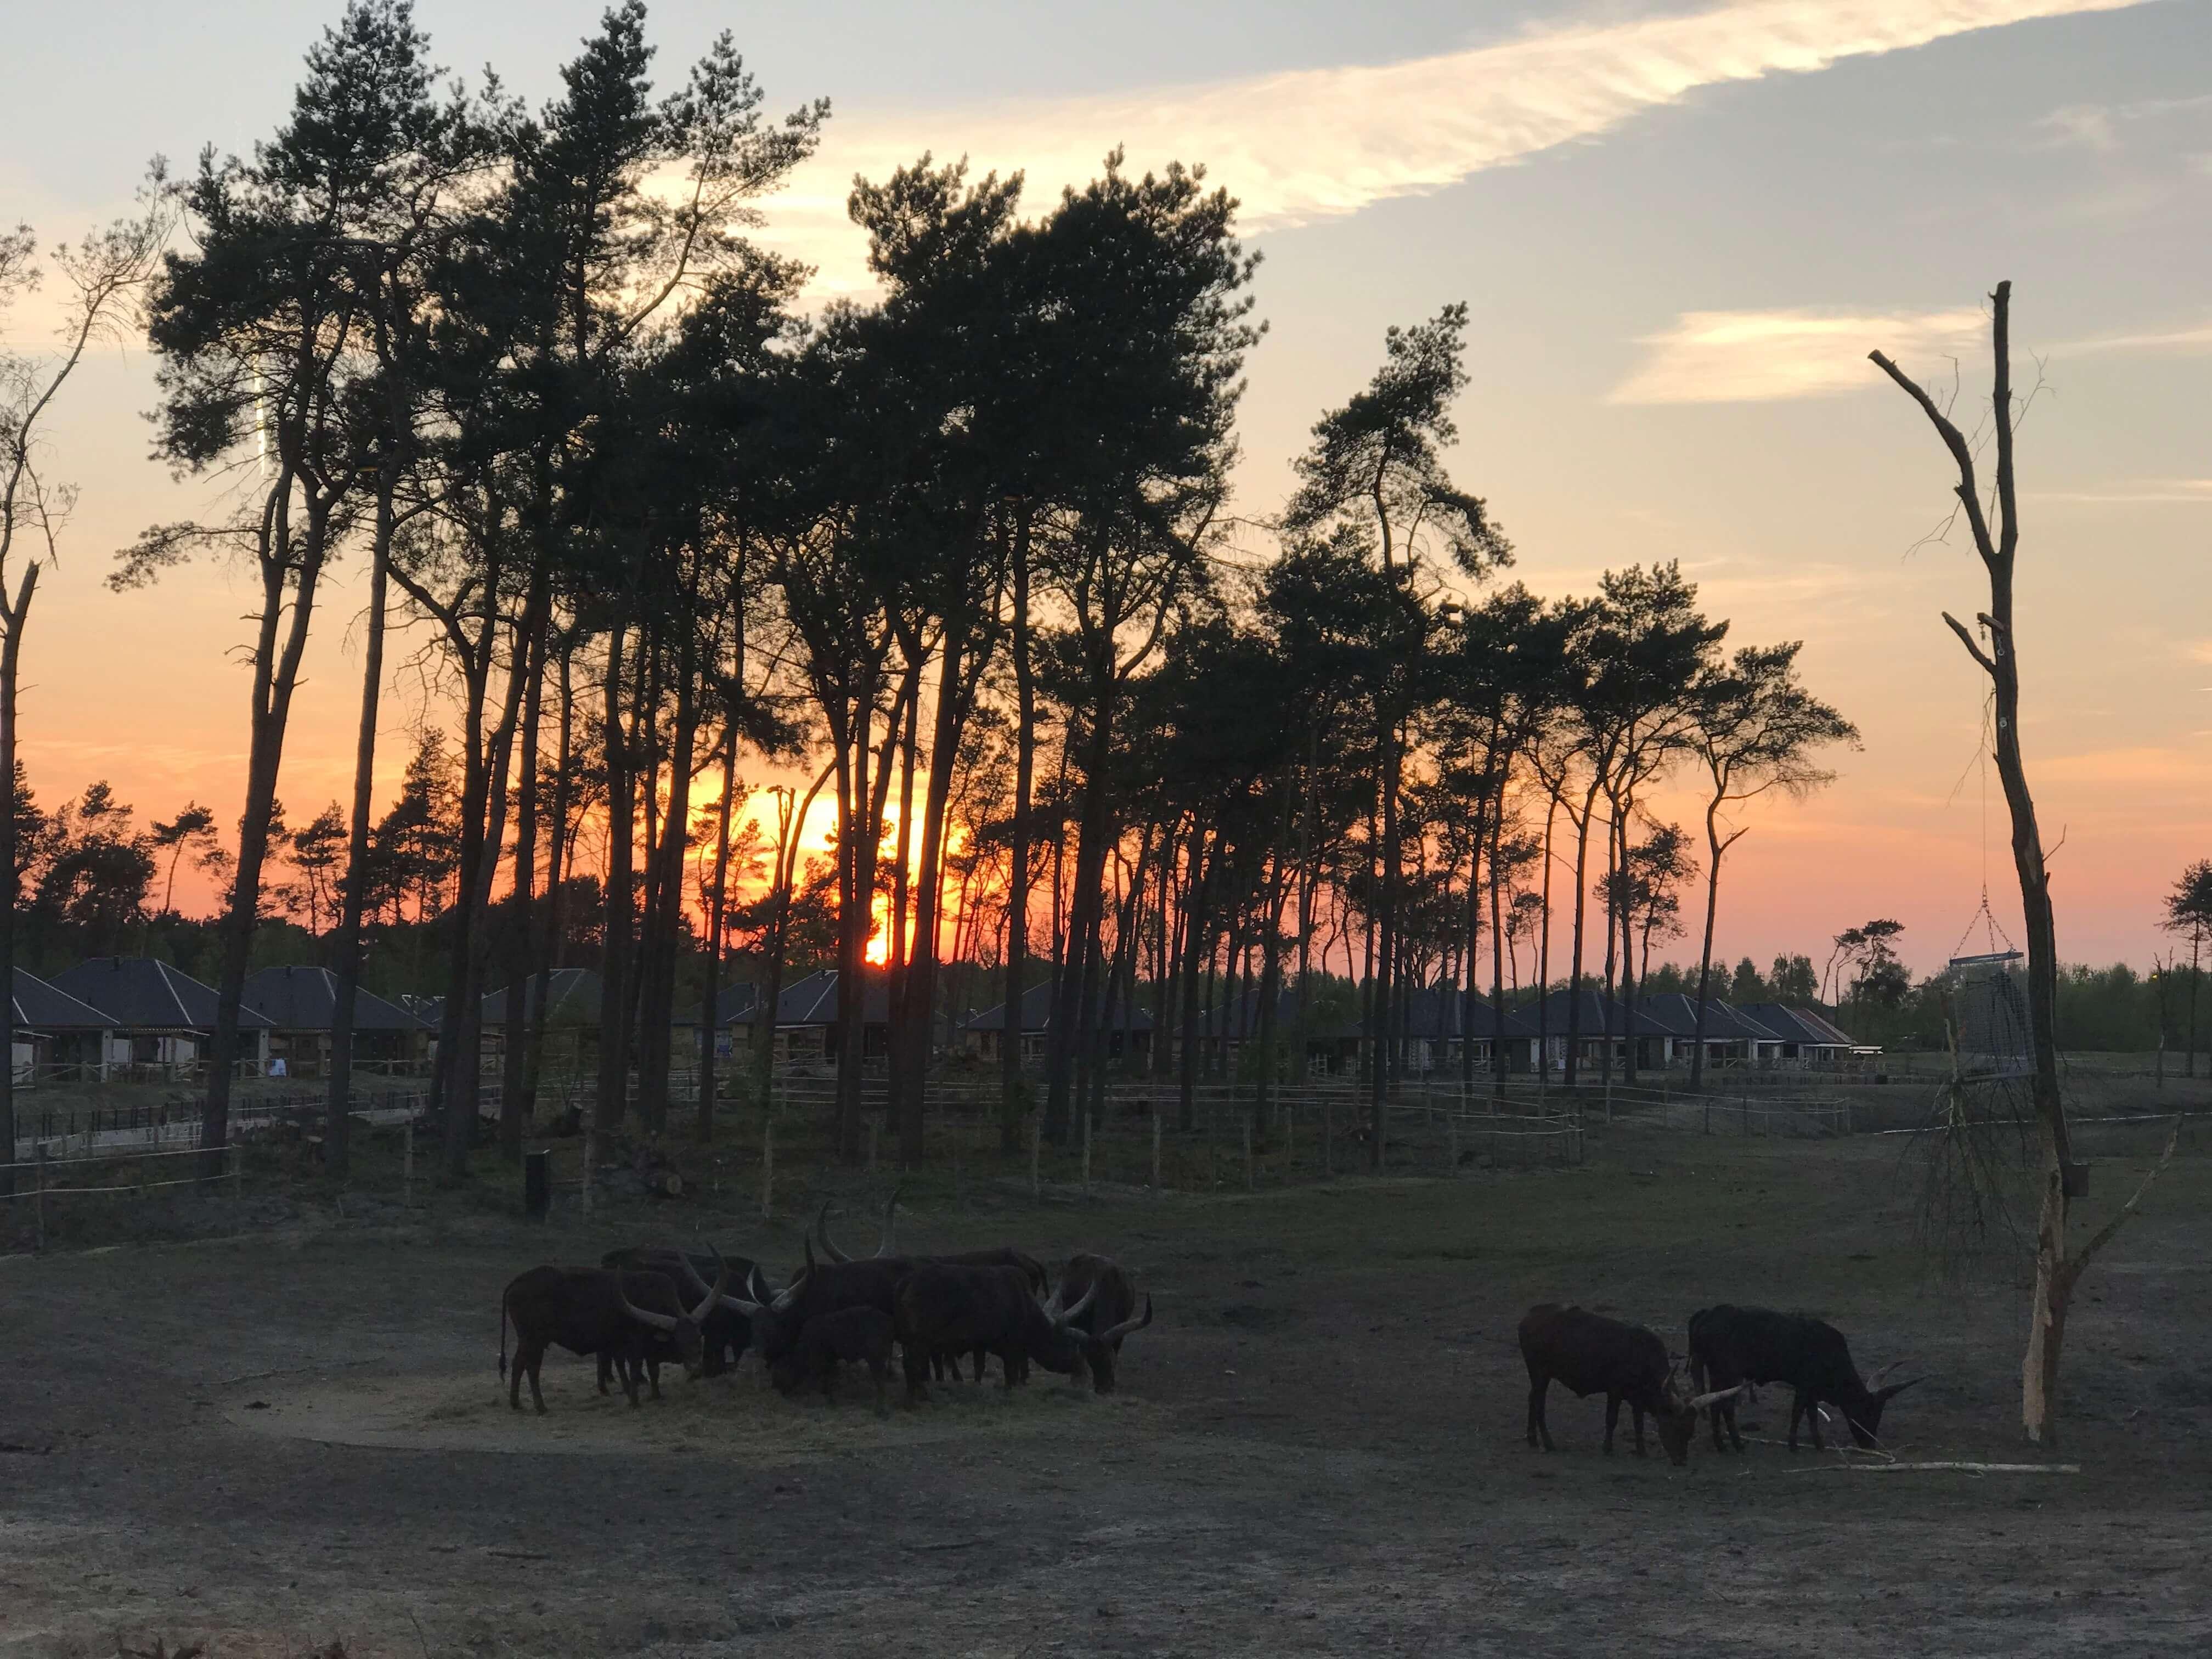 Beekse Bergen, de avond valt over de Serengeti